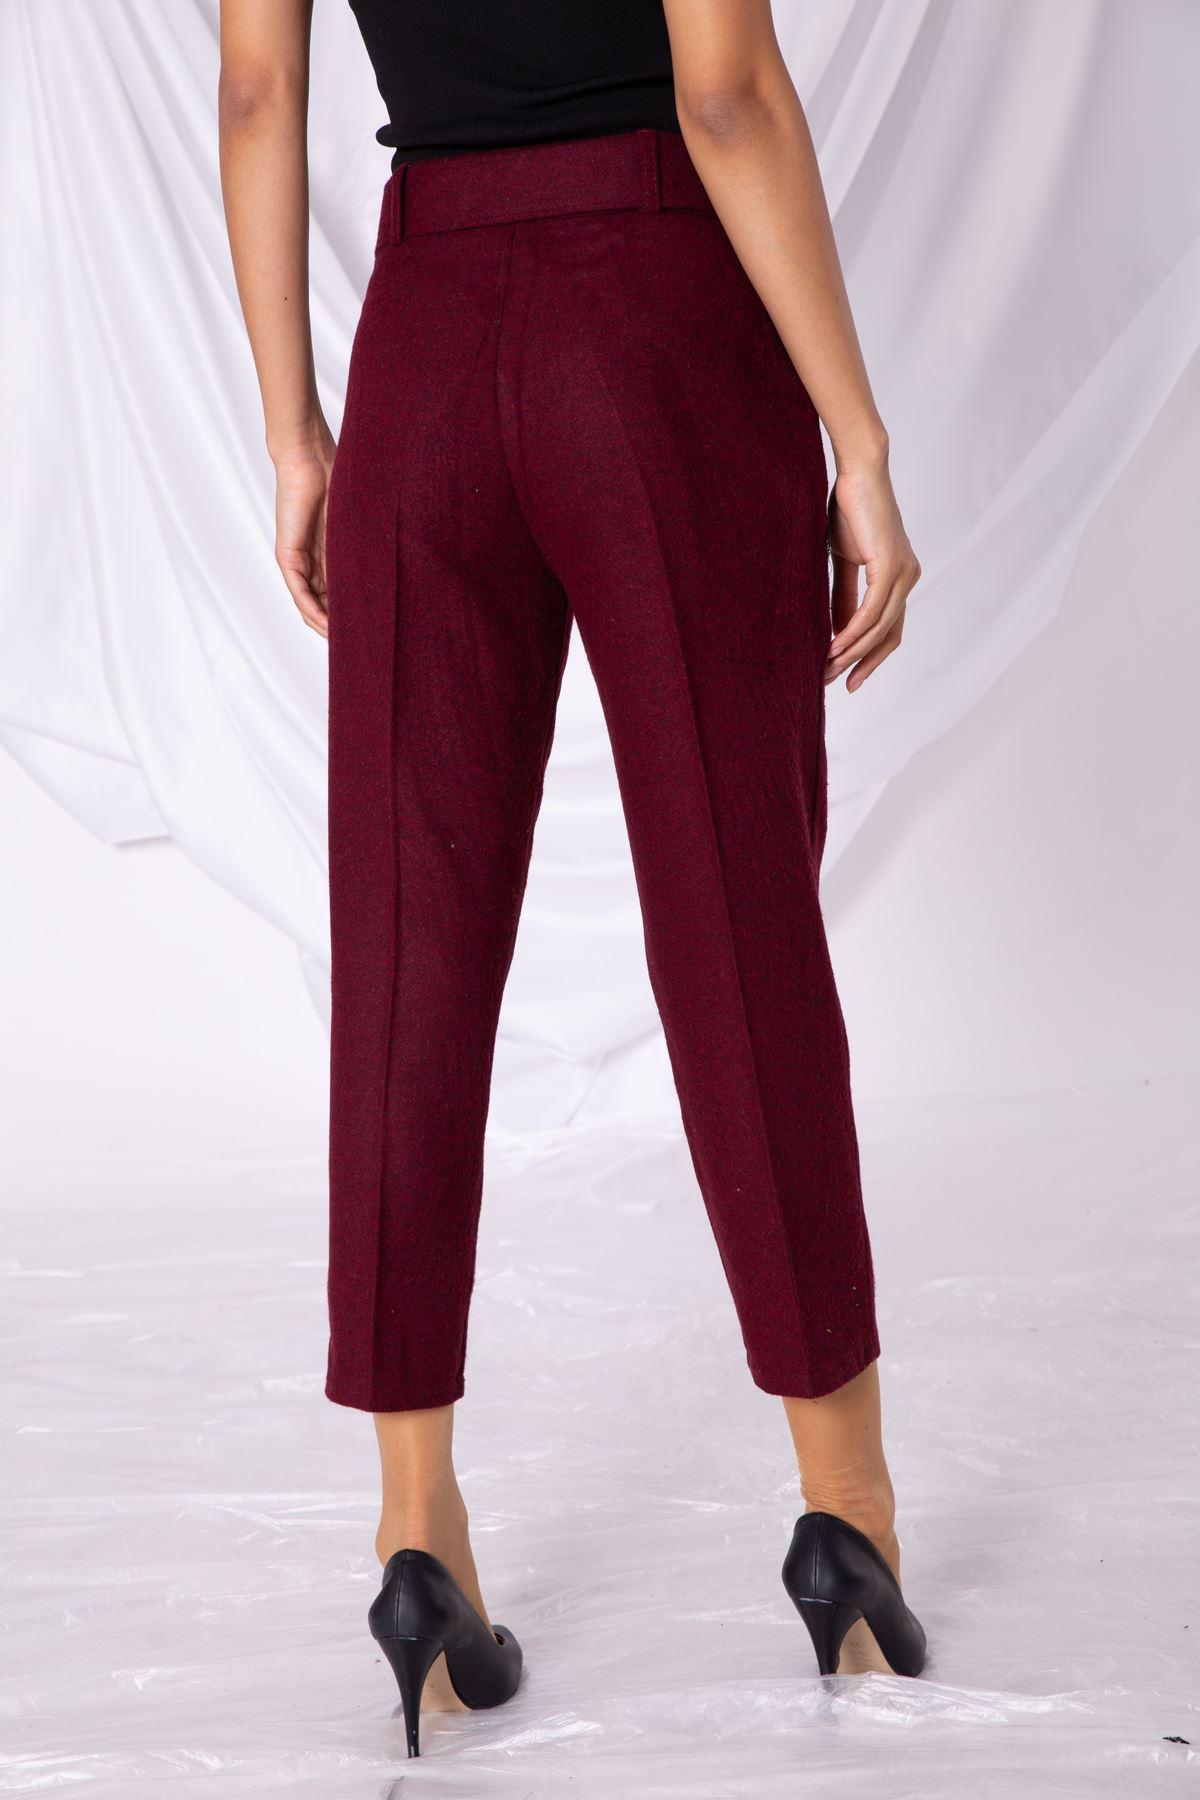 Kadın Kaşe Bordo Pantolon